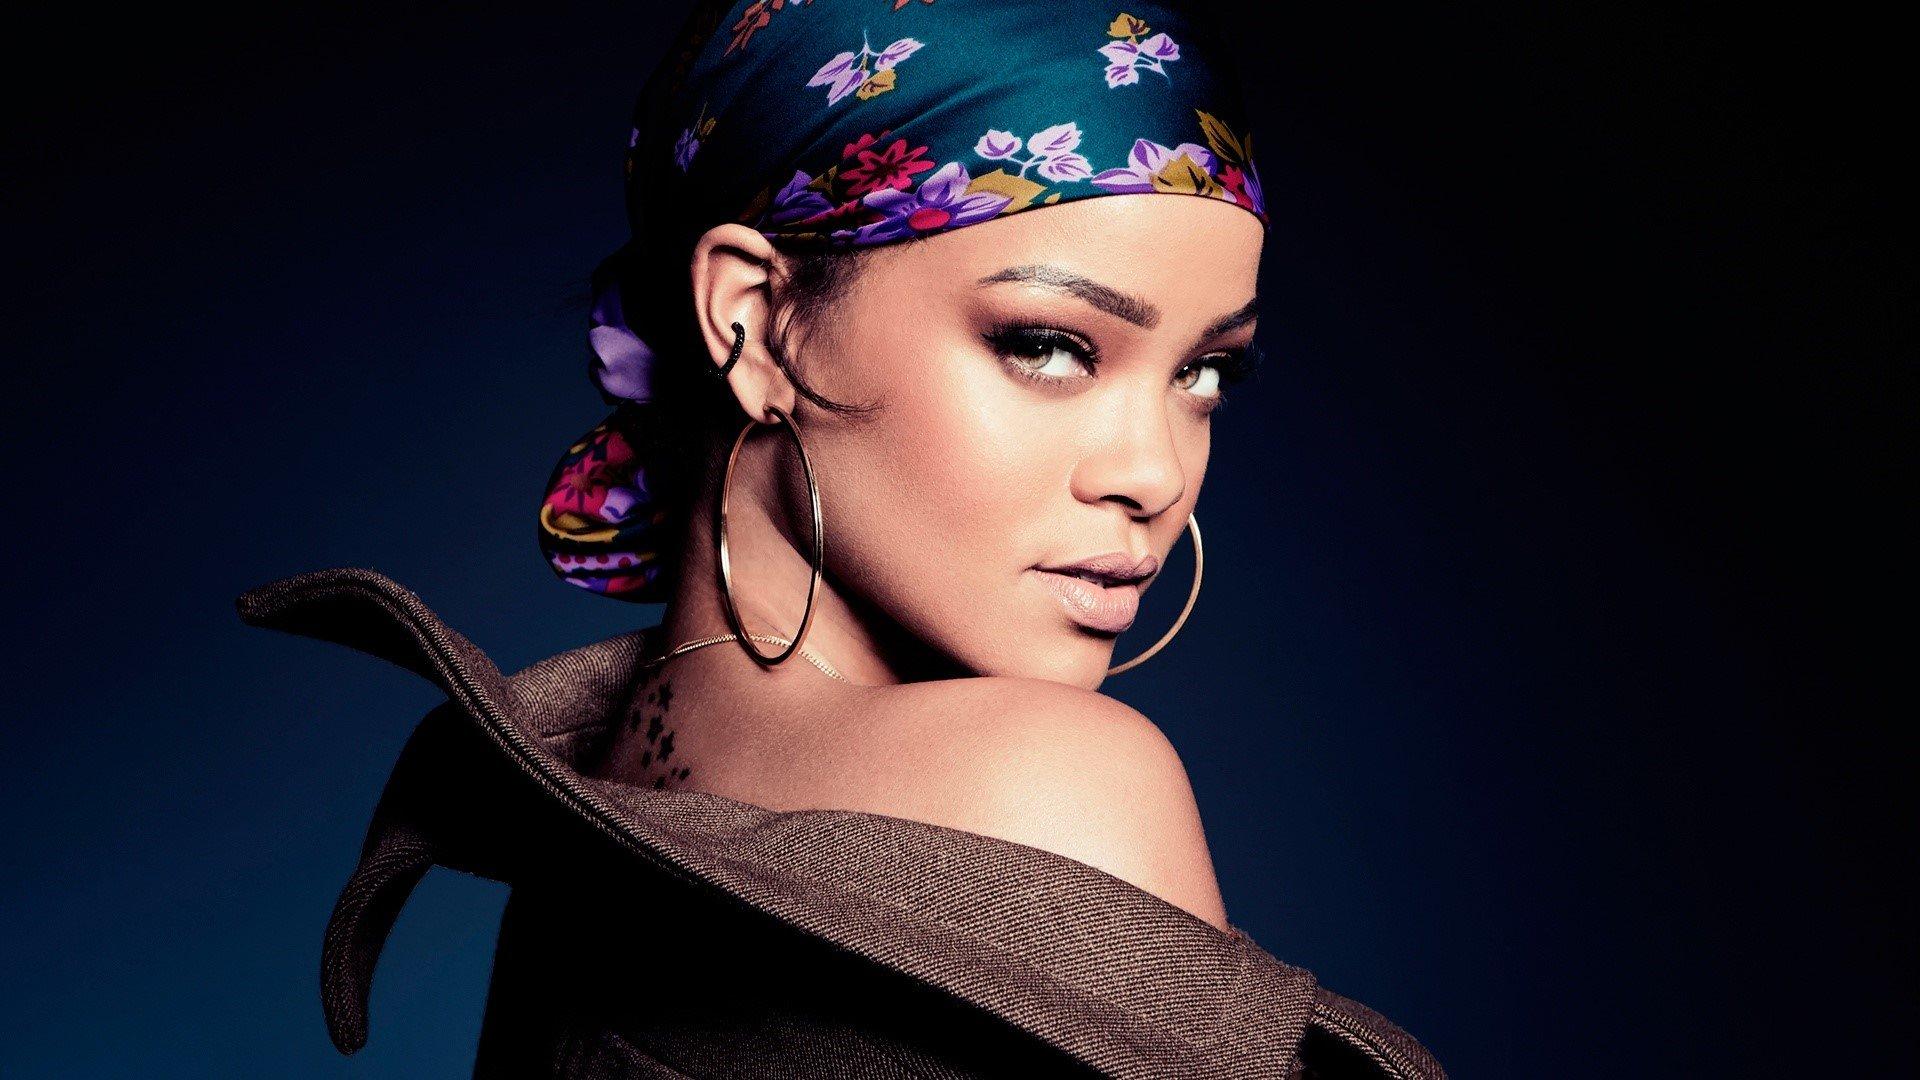 Fondos de pantalla Rihanna en 2015